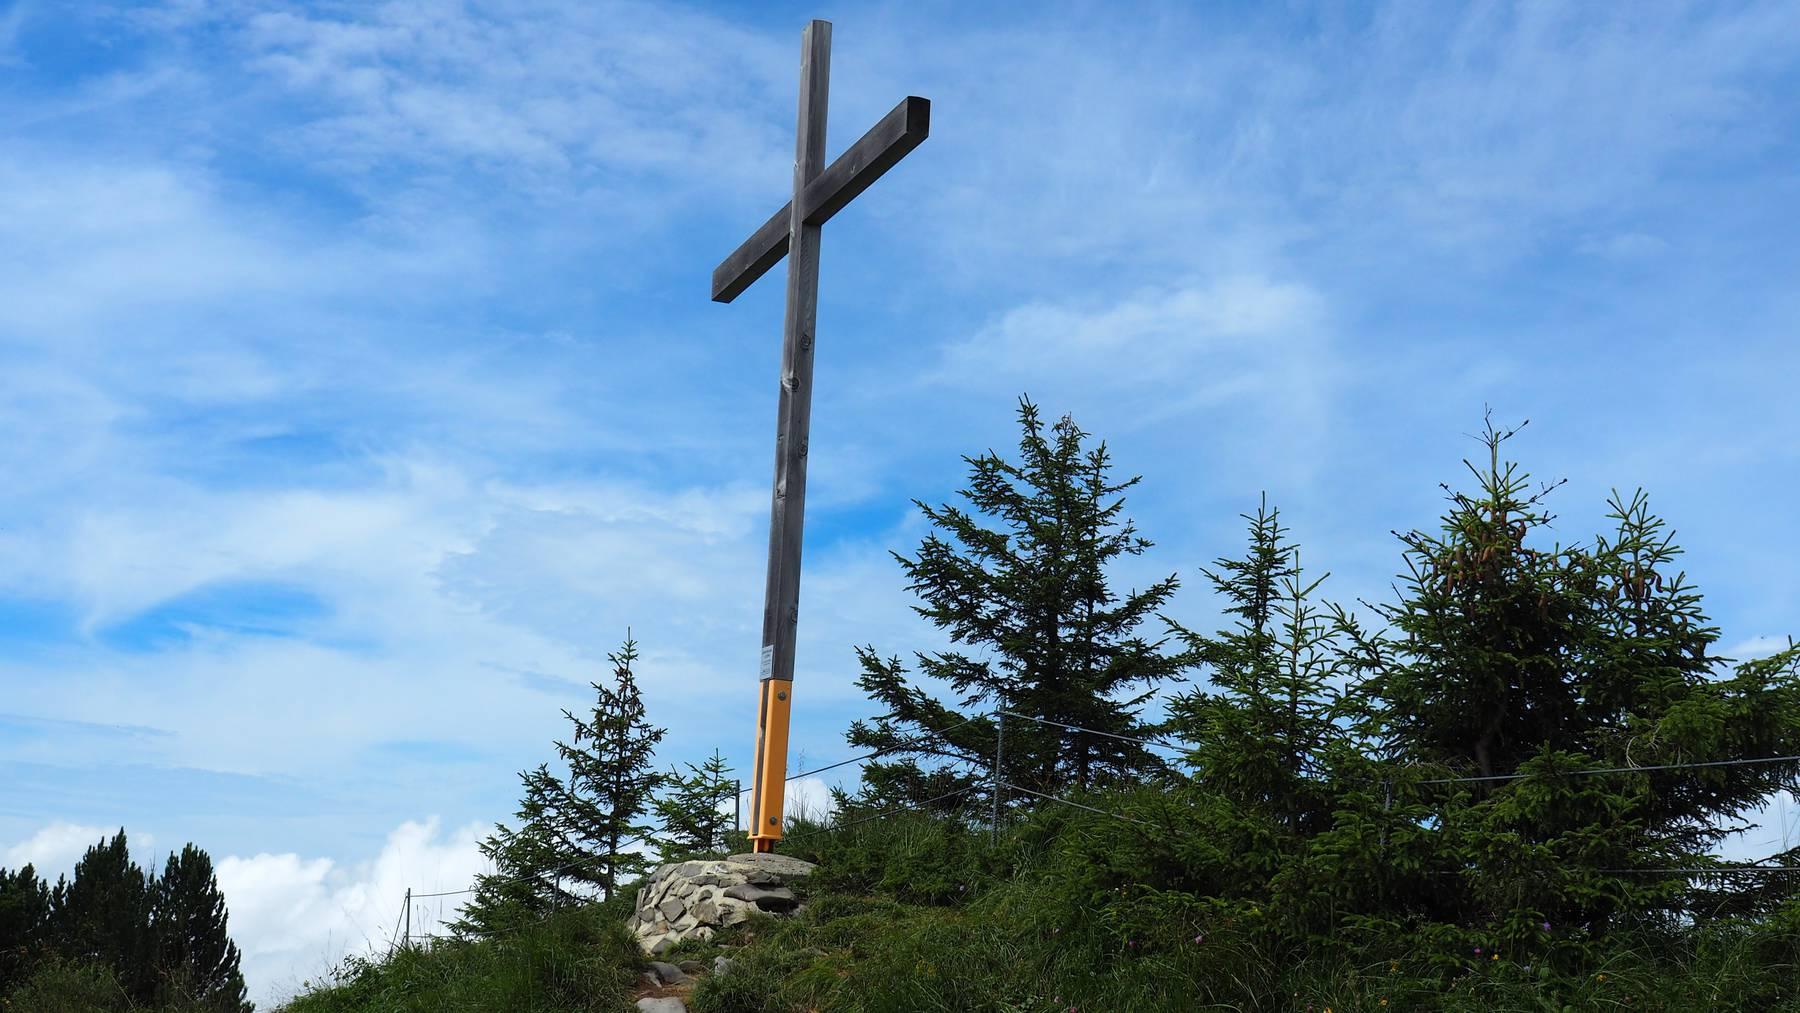 Am Dienstagabend konnten die Suchkräfte den Wanderer auf dem Stanserhorn nur noch tot bergen.